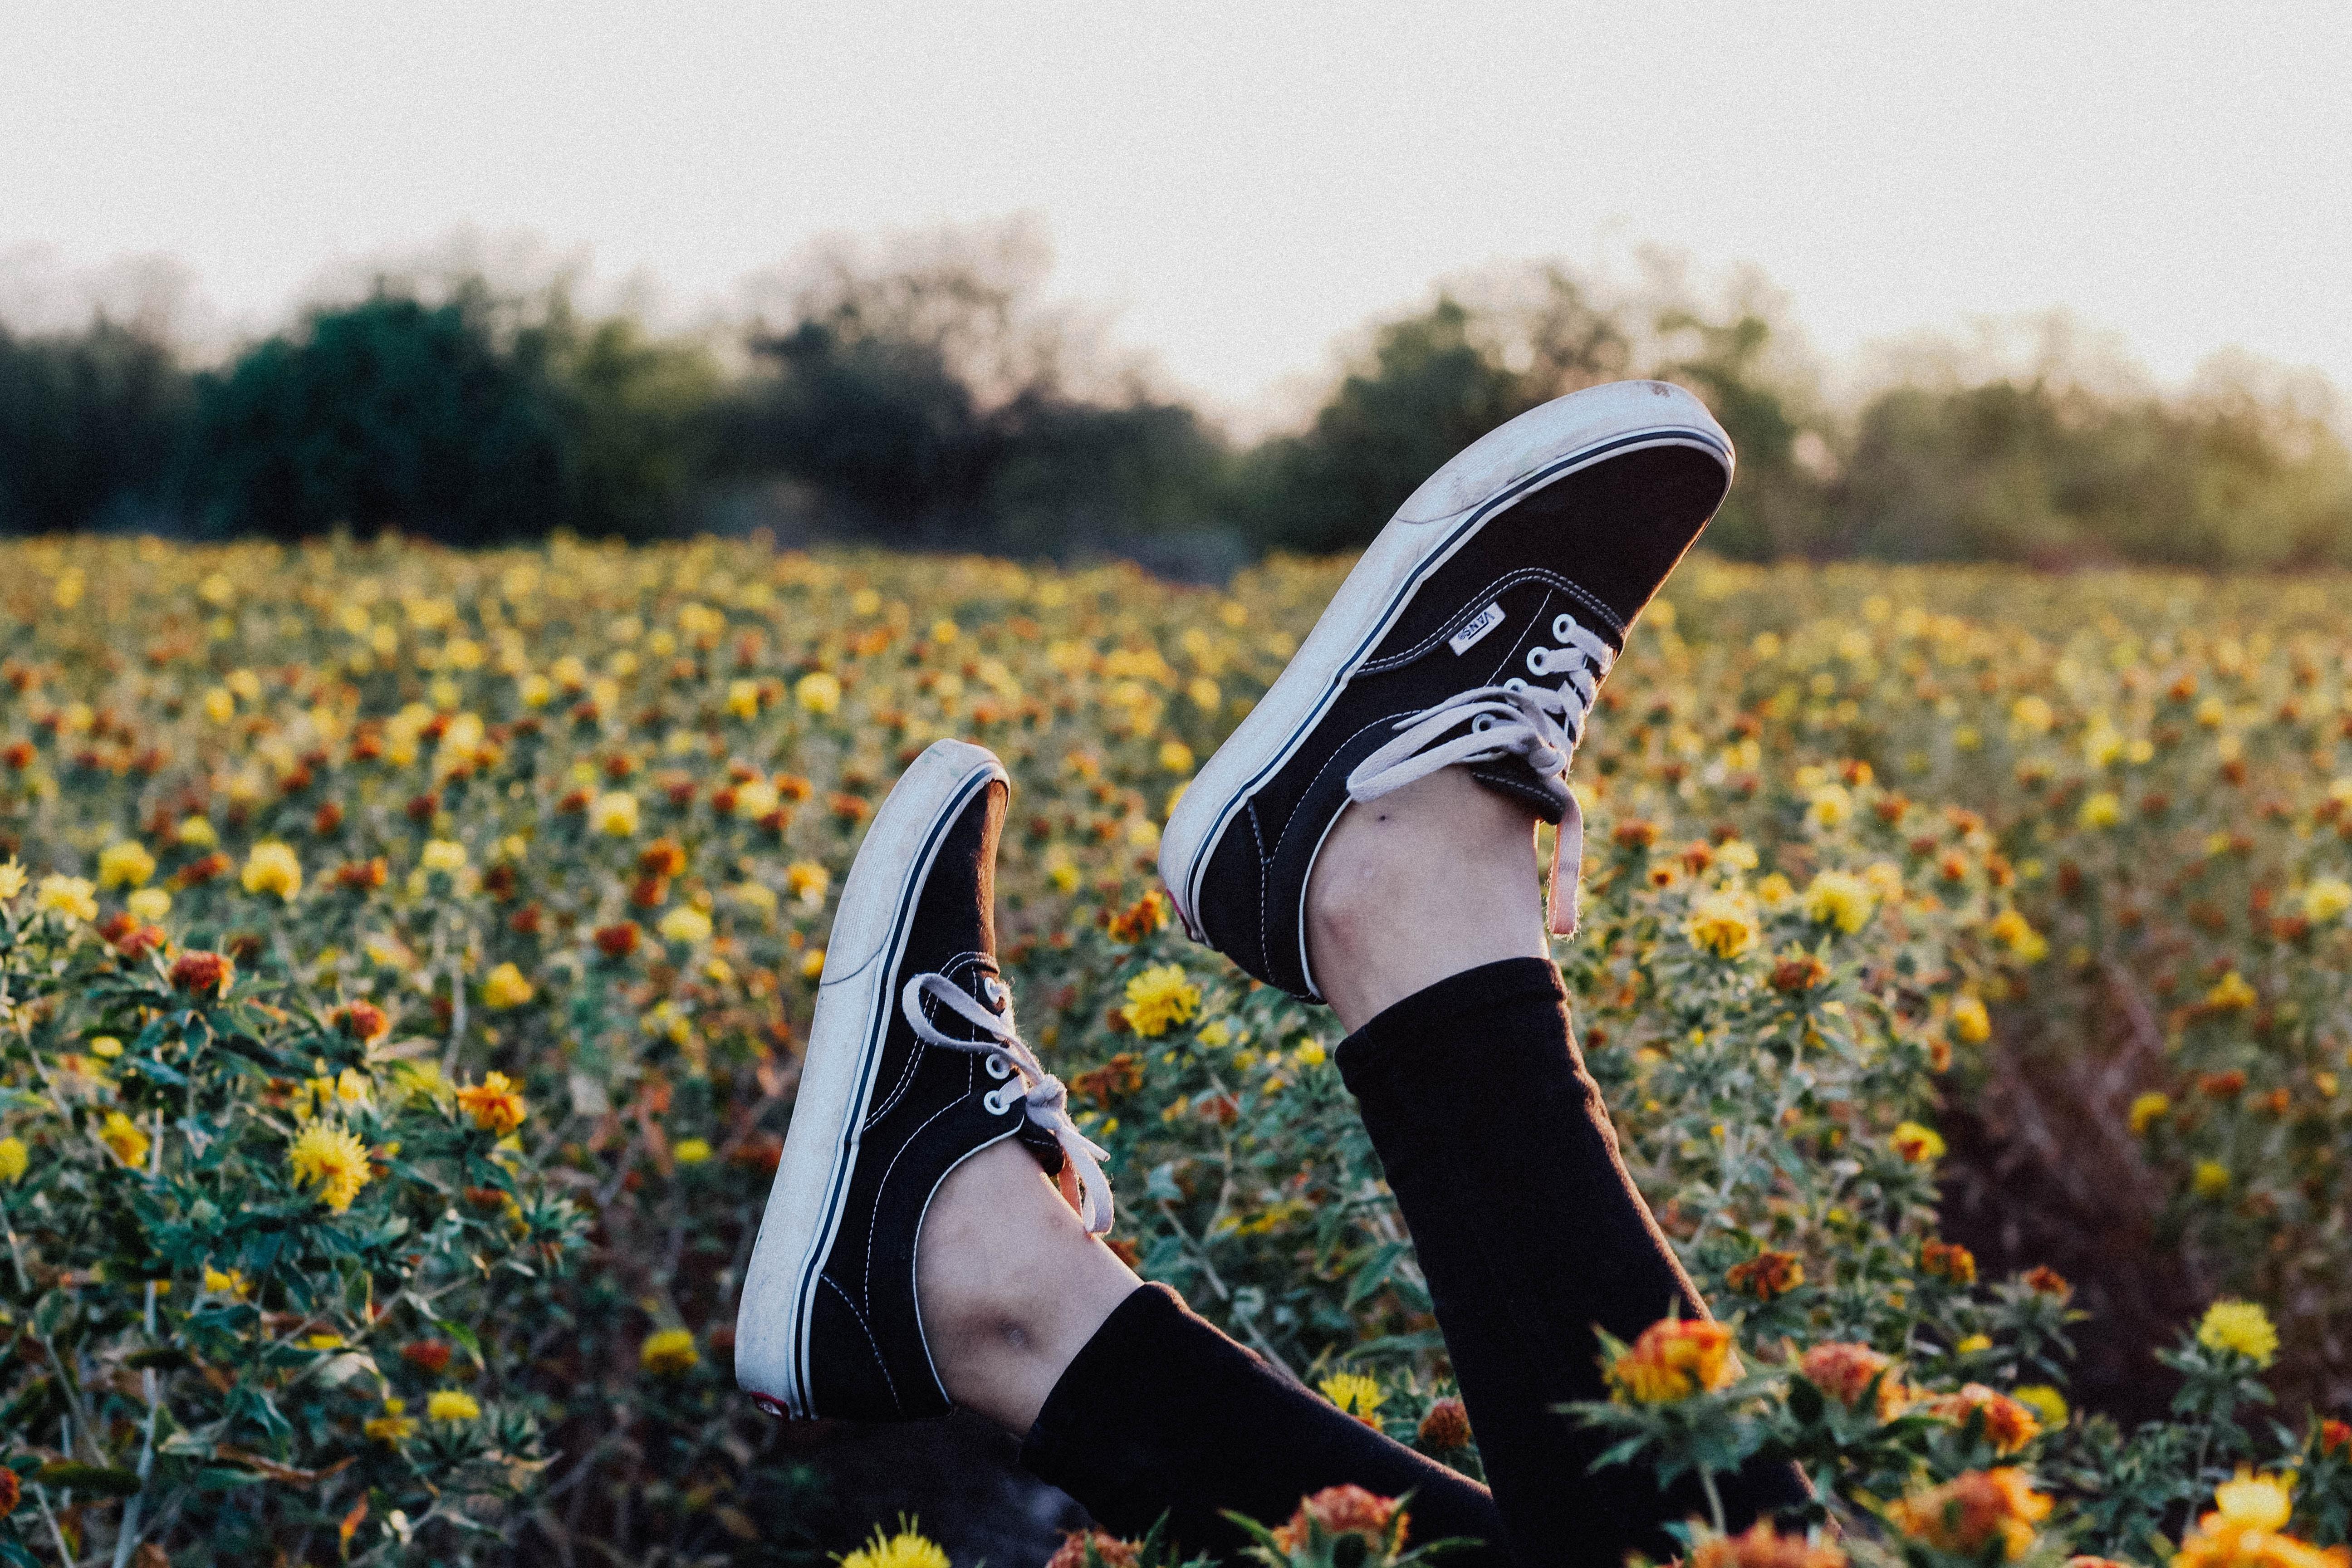 person wearing pair of black Vans low-top sneakers